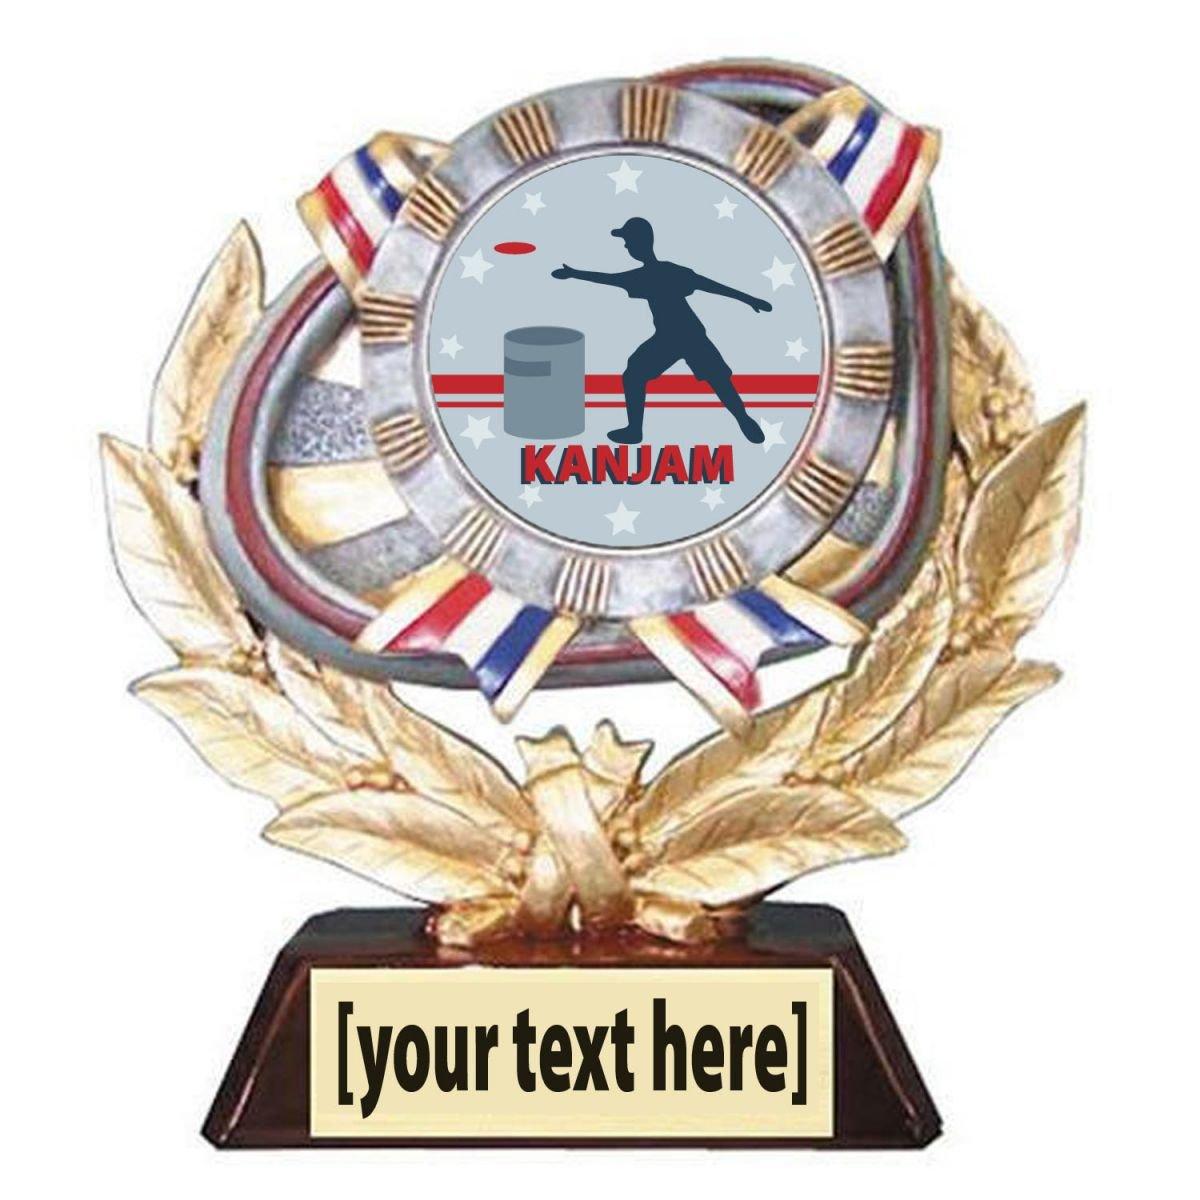 kanjam trophy